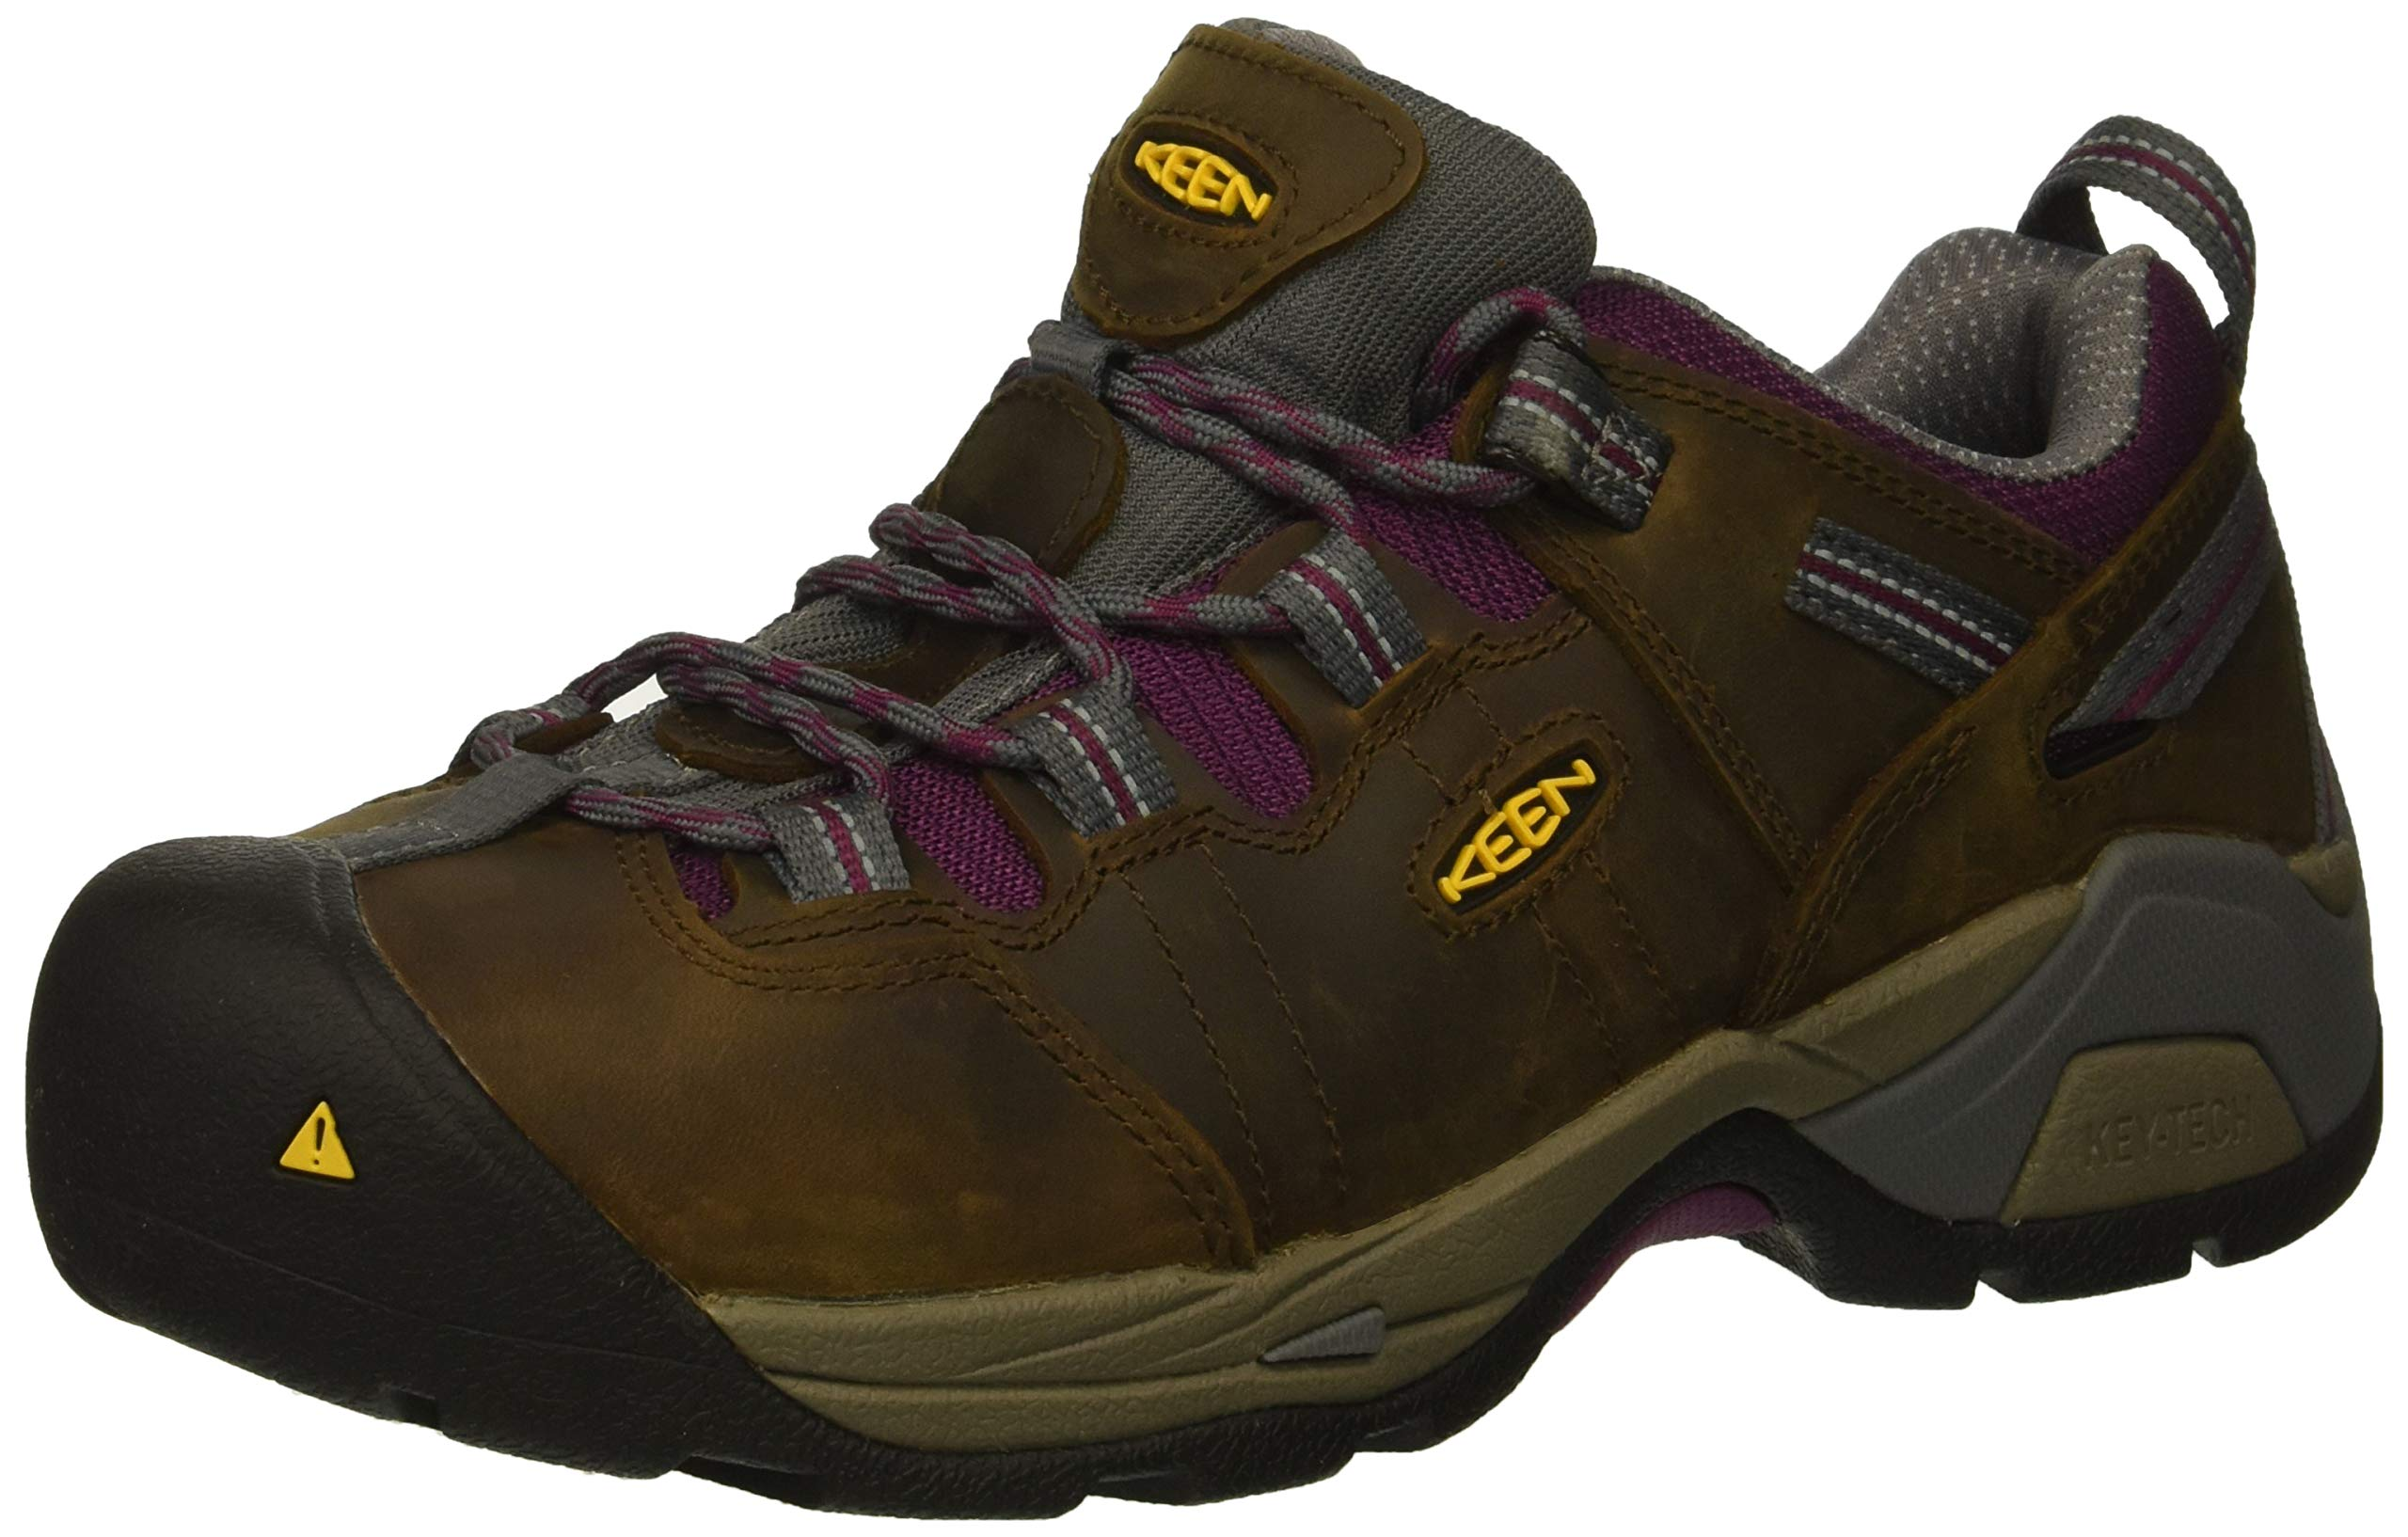 KEEN Utility Women's Detroit XT Low Steel Toe Waterproof Work Shoe by KEEN Utility